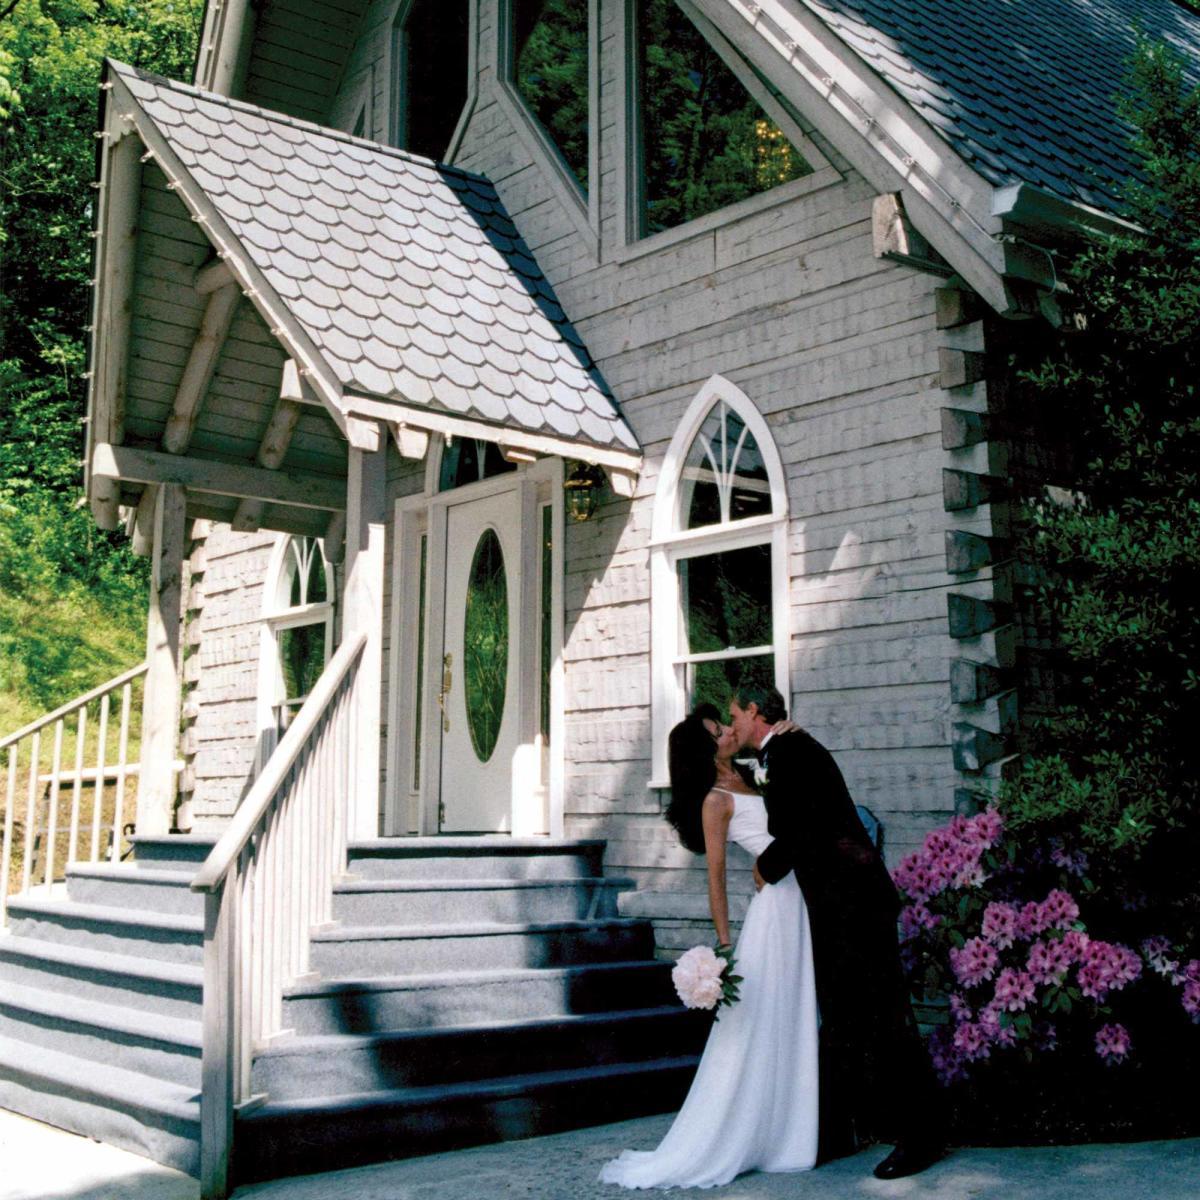 weddings-photo